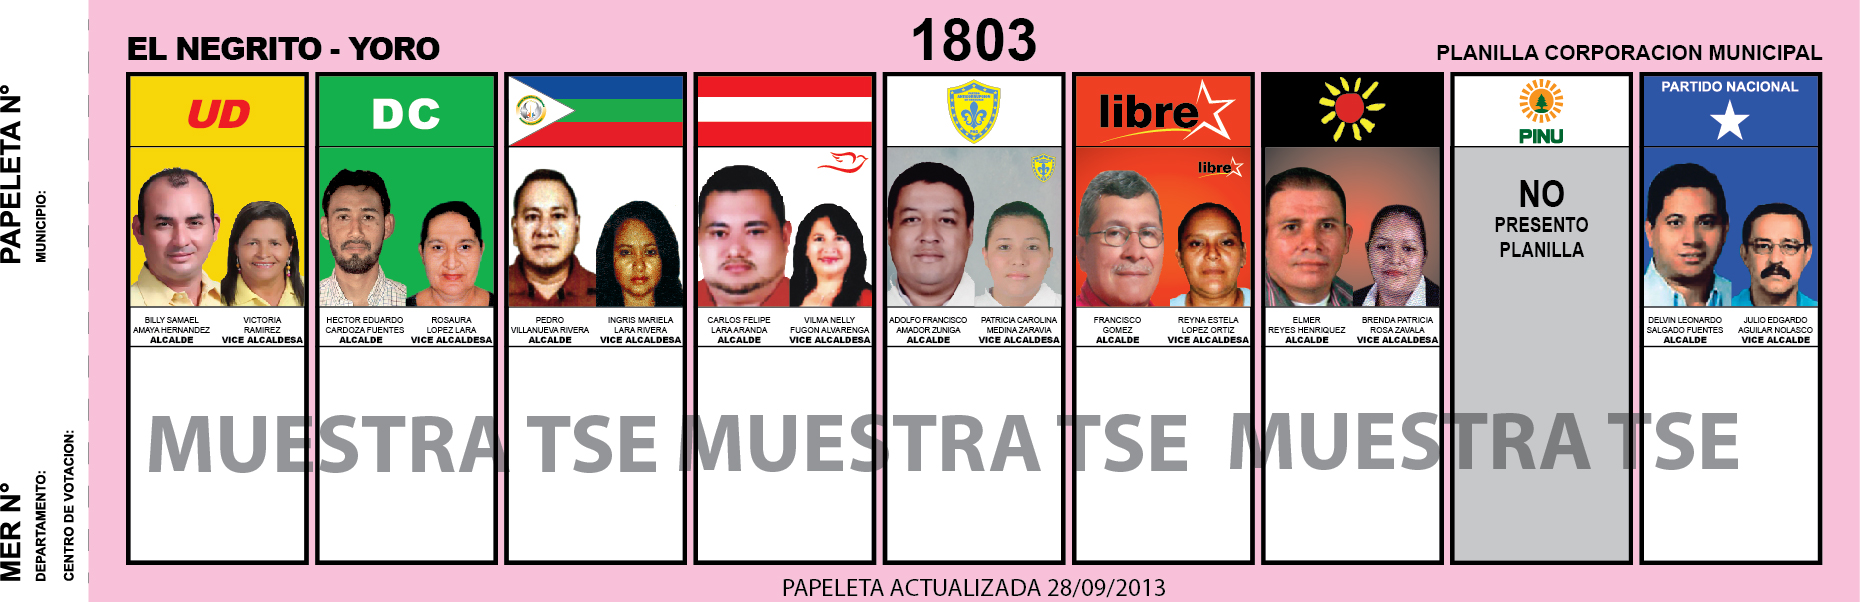 CANDIDATOS 2013 MUNICIPIO EL NEGRITO - YORO - HONDURAS